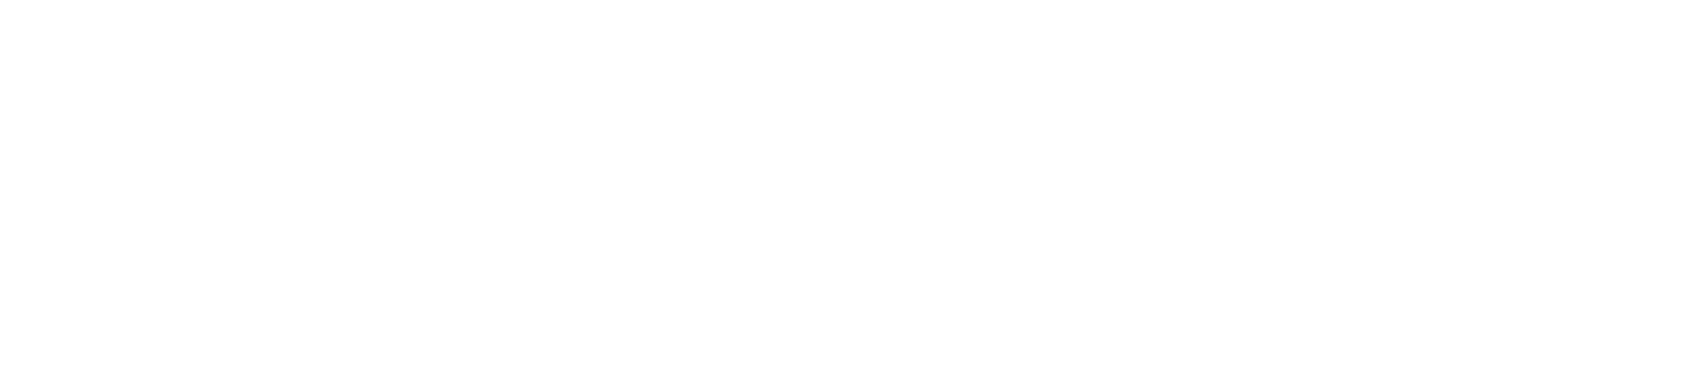 株式会社AIS|茨城県水戸市|とび土木・設備工事・絶縁工事ならお任せください。